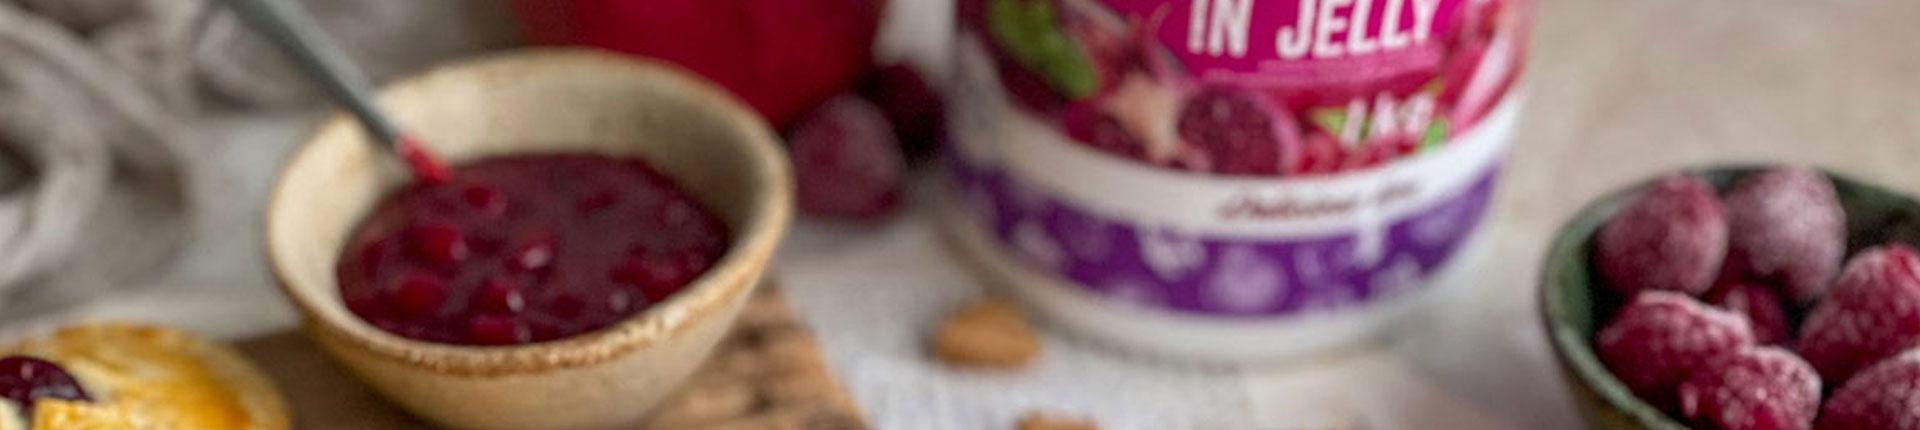 Pyszne kruche ciasteczka z frużeliną